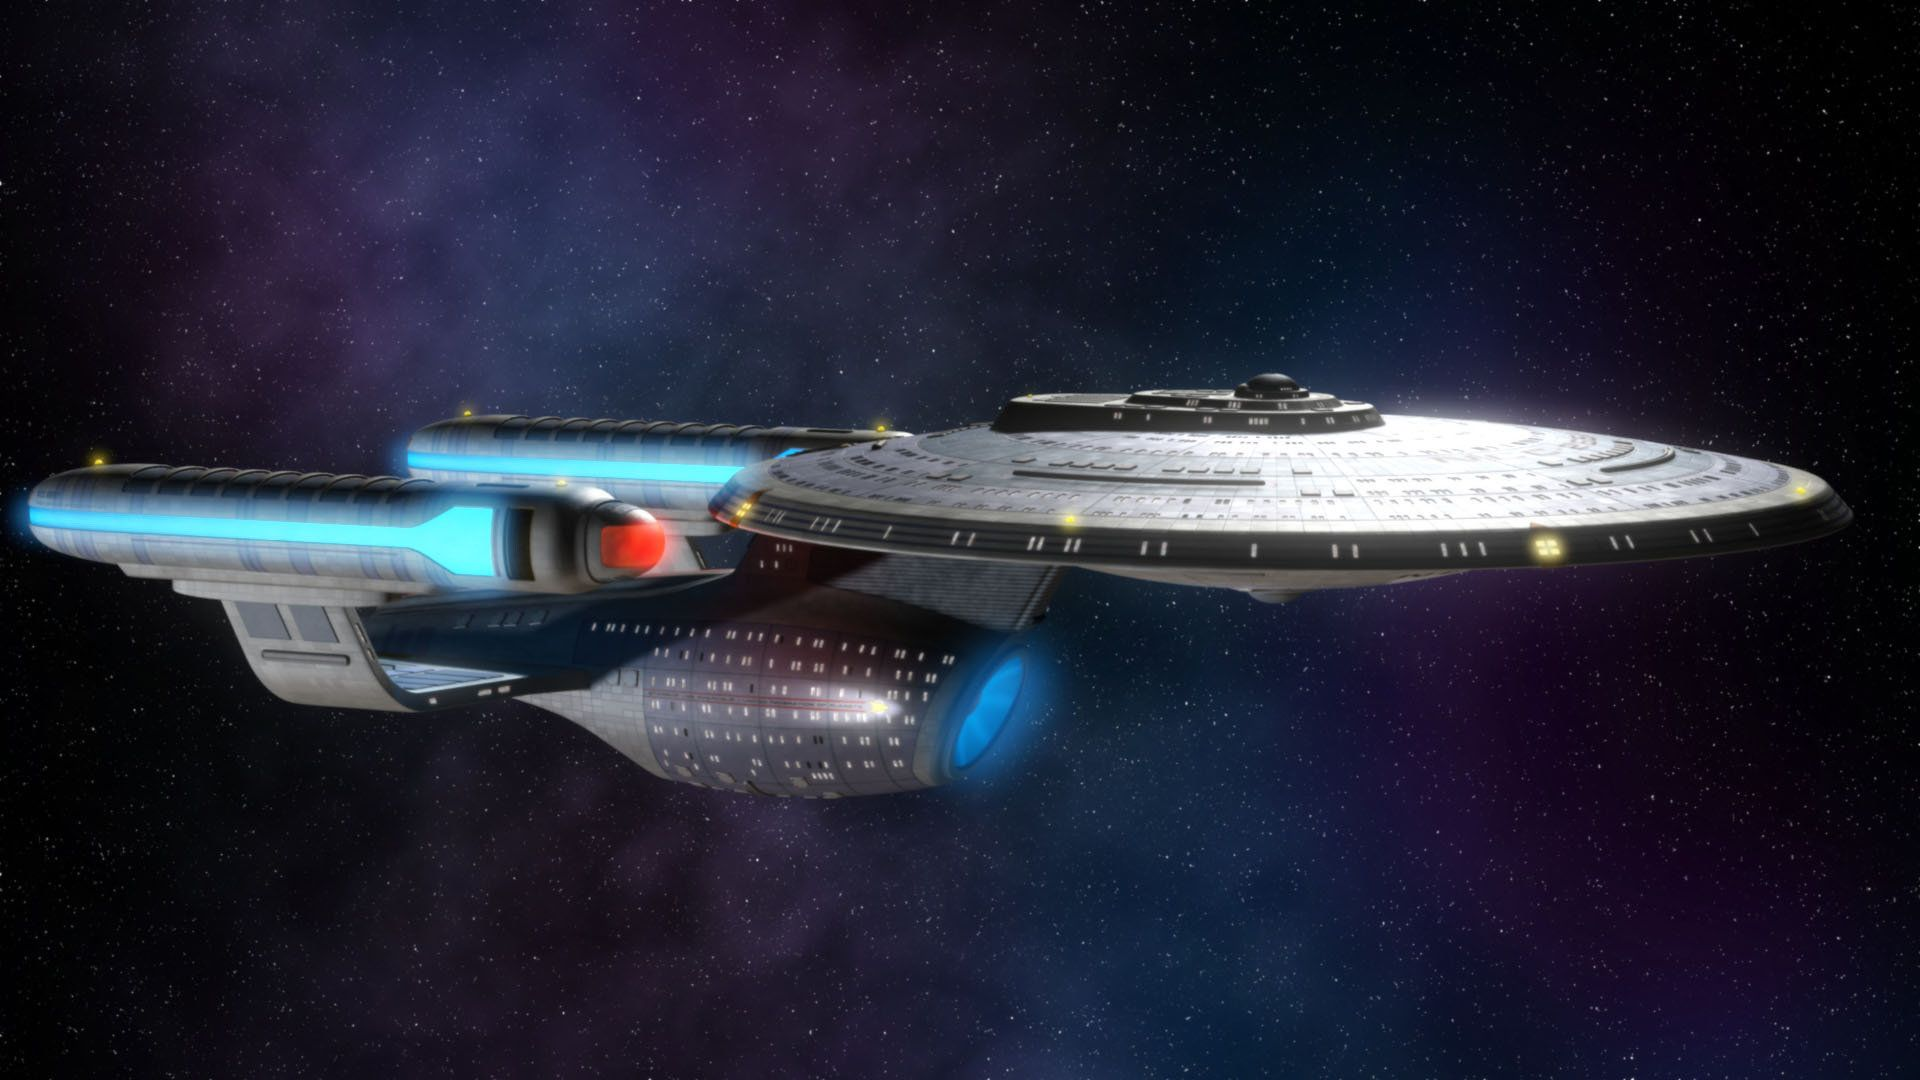 To Bodly Go An Ambassador Class Starship On Deviantart Star Trek Wallpaper Star Trek Art Star Trek Starships